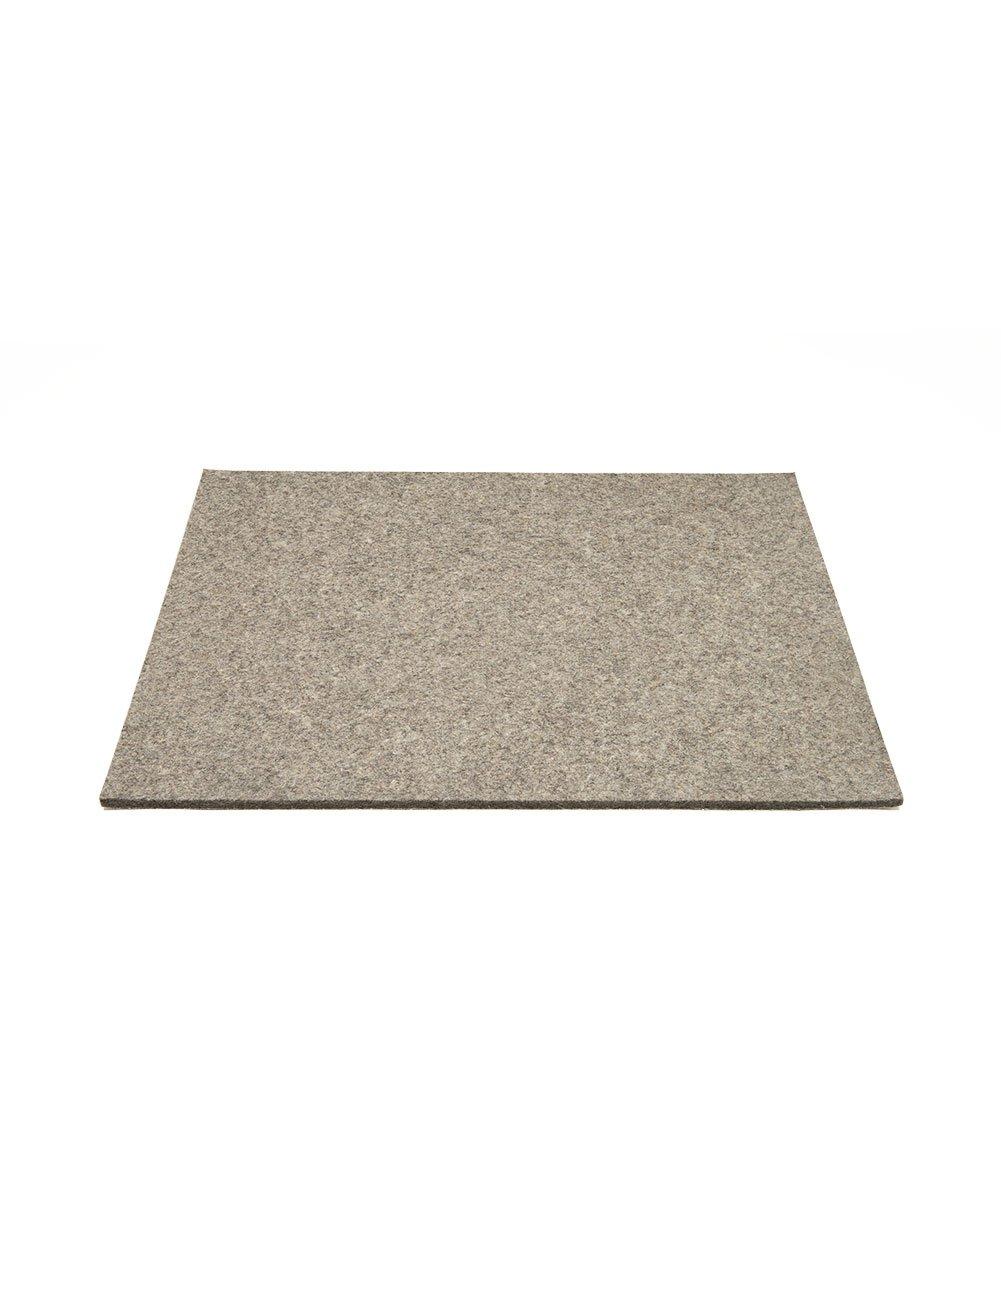 Felt Desk Pad - 17.5 long x 15 wide x 1/4 thick, Natural Grey The Felt Store